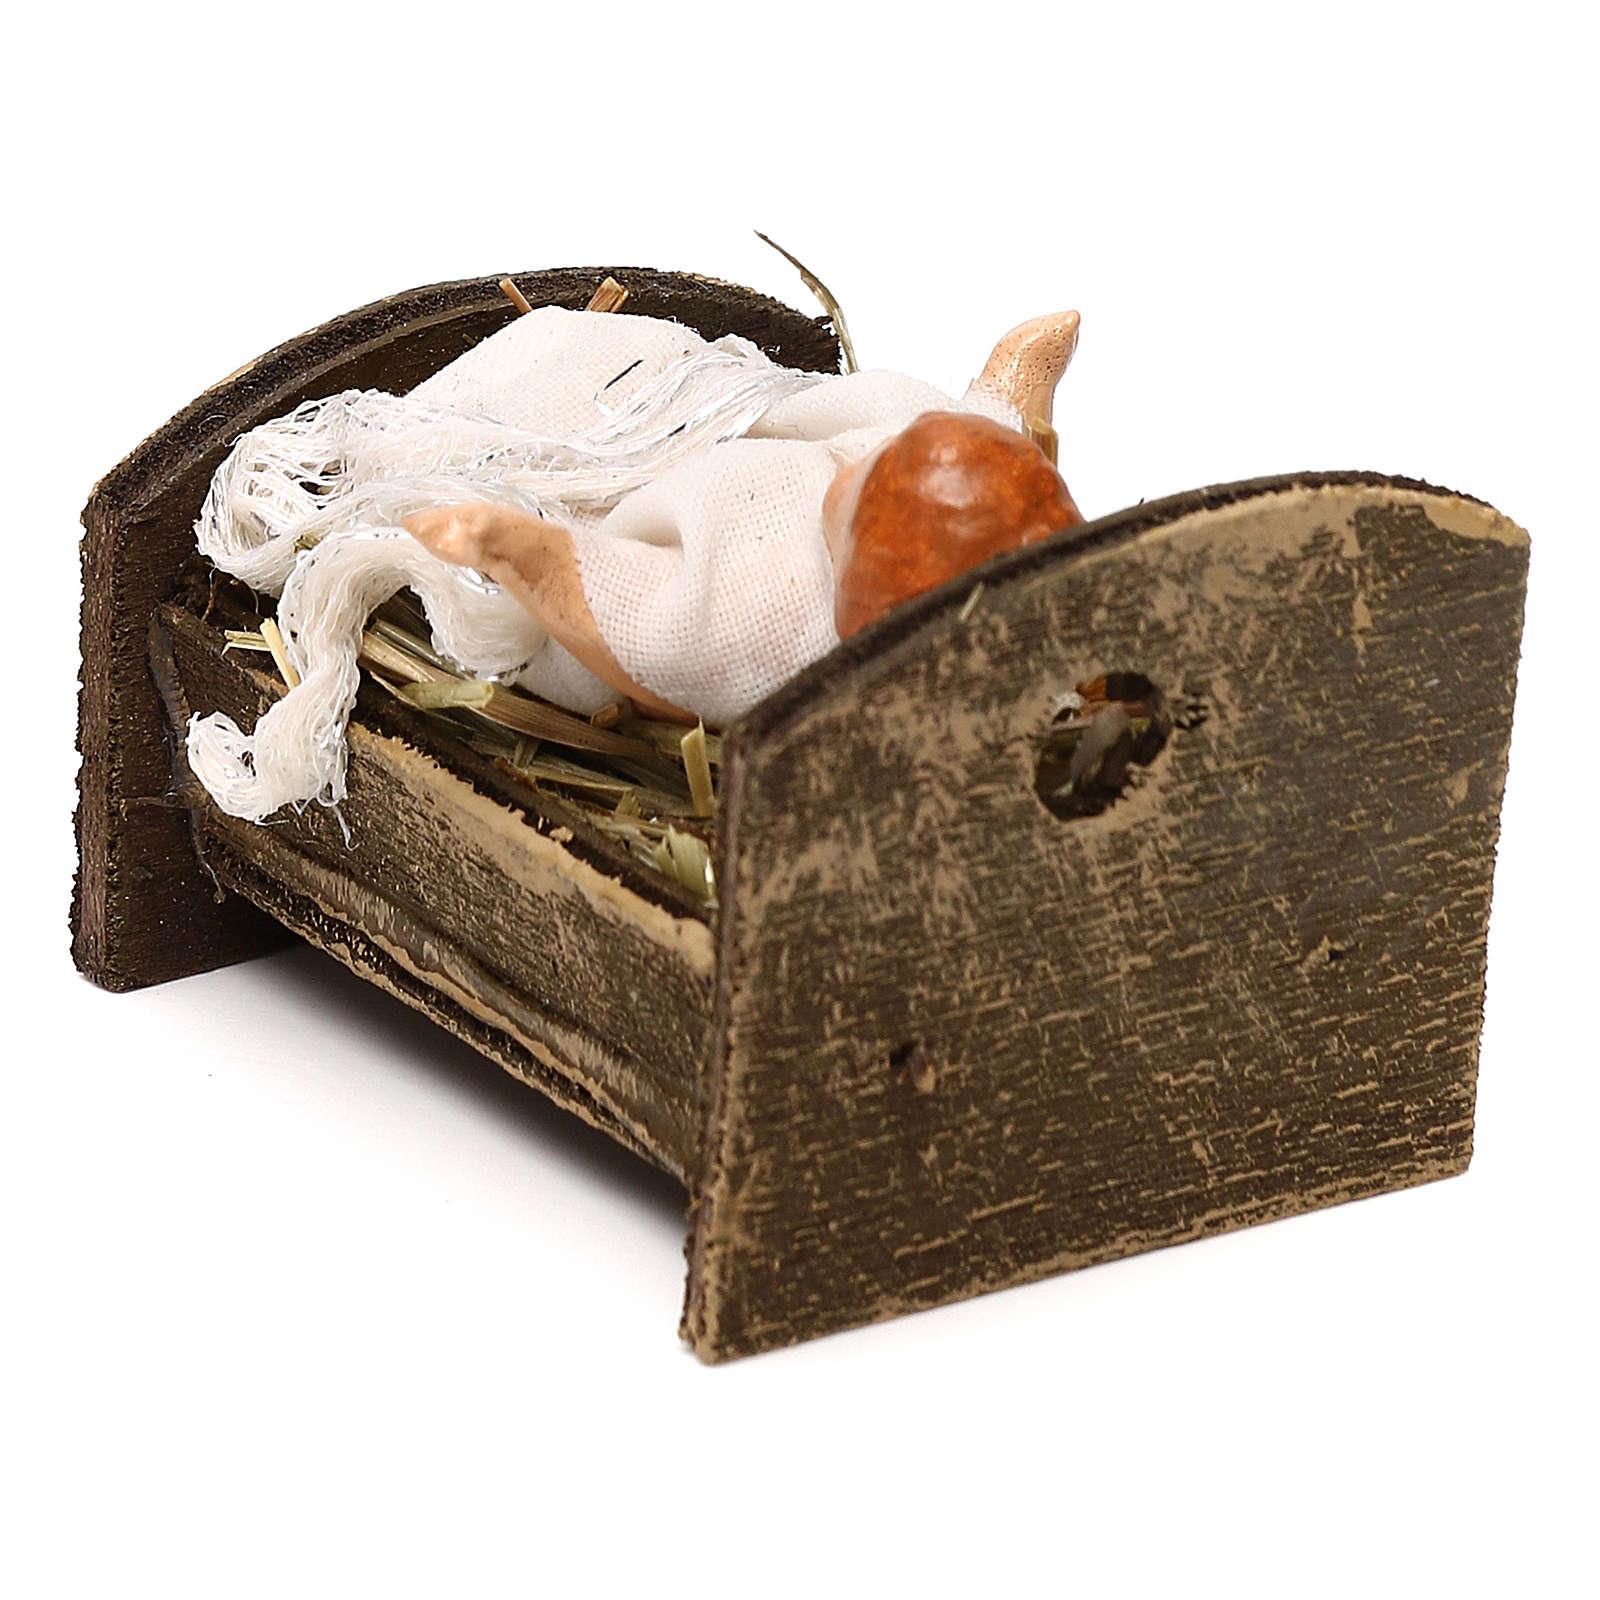 Gesù bambino con culla in legno 12 cm presepe napoletano 4